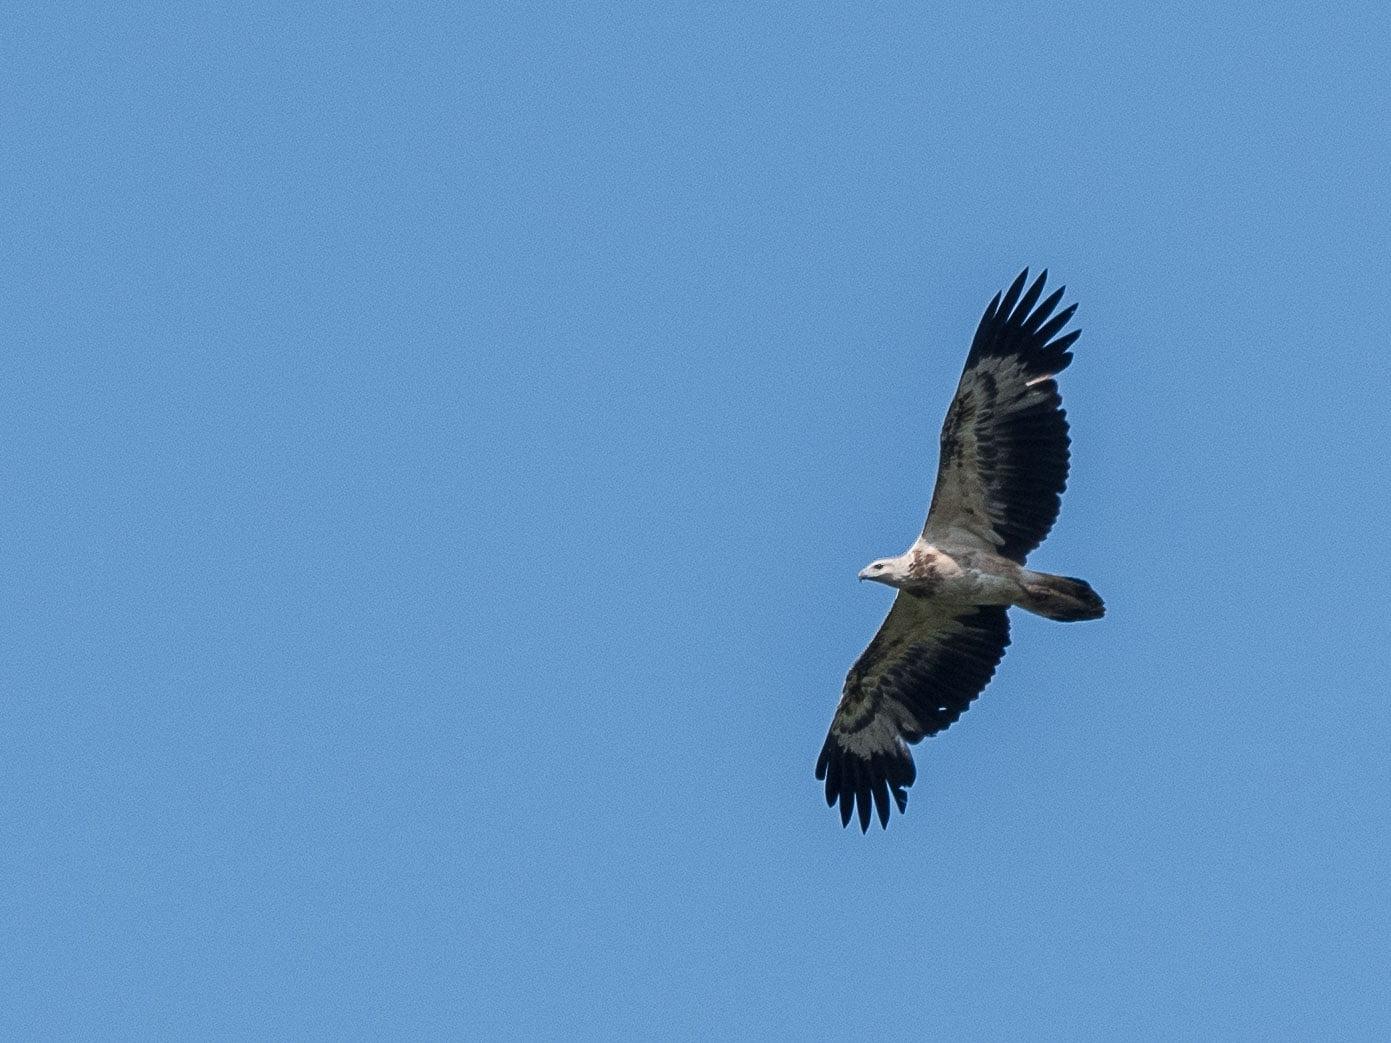 Penang parc naturel aigle - Les globe blogueurs - blog voyage nature